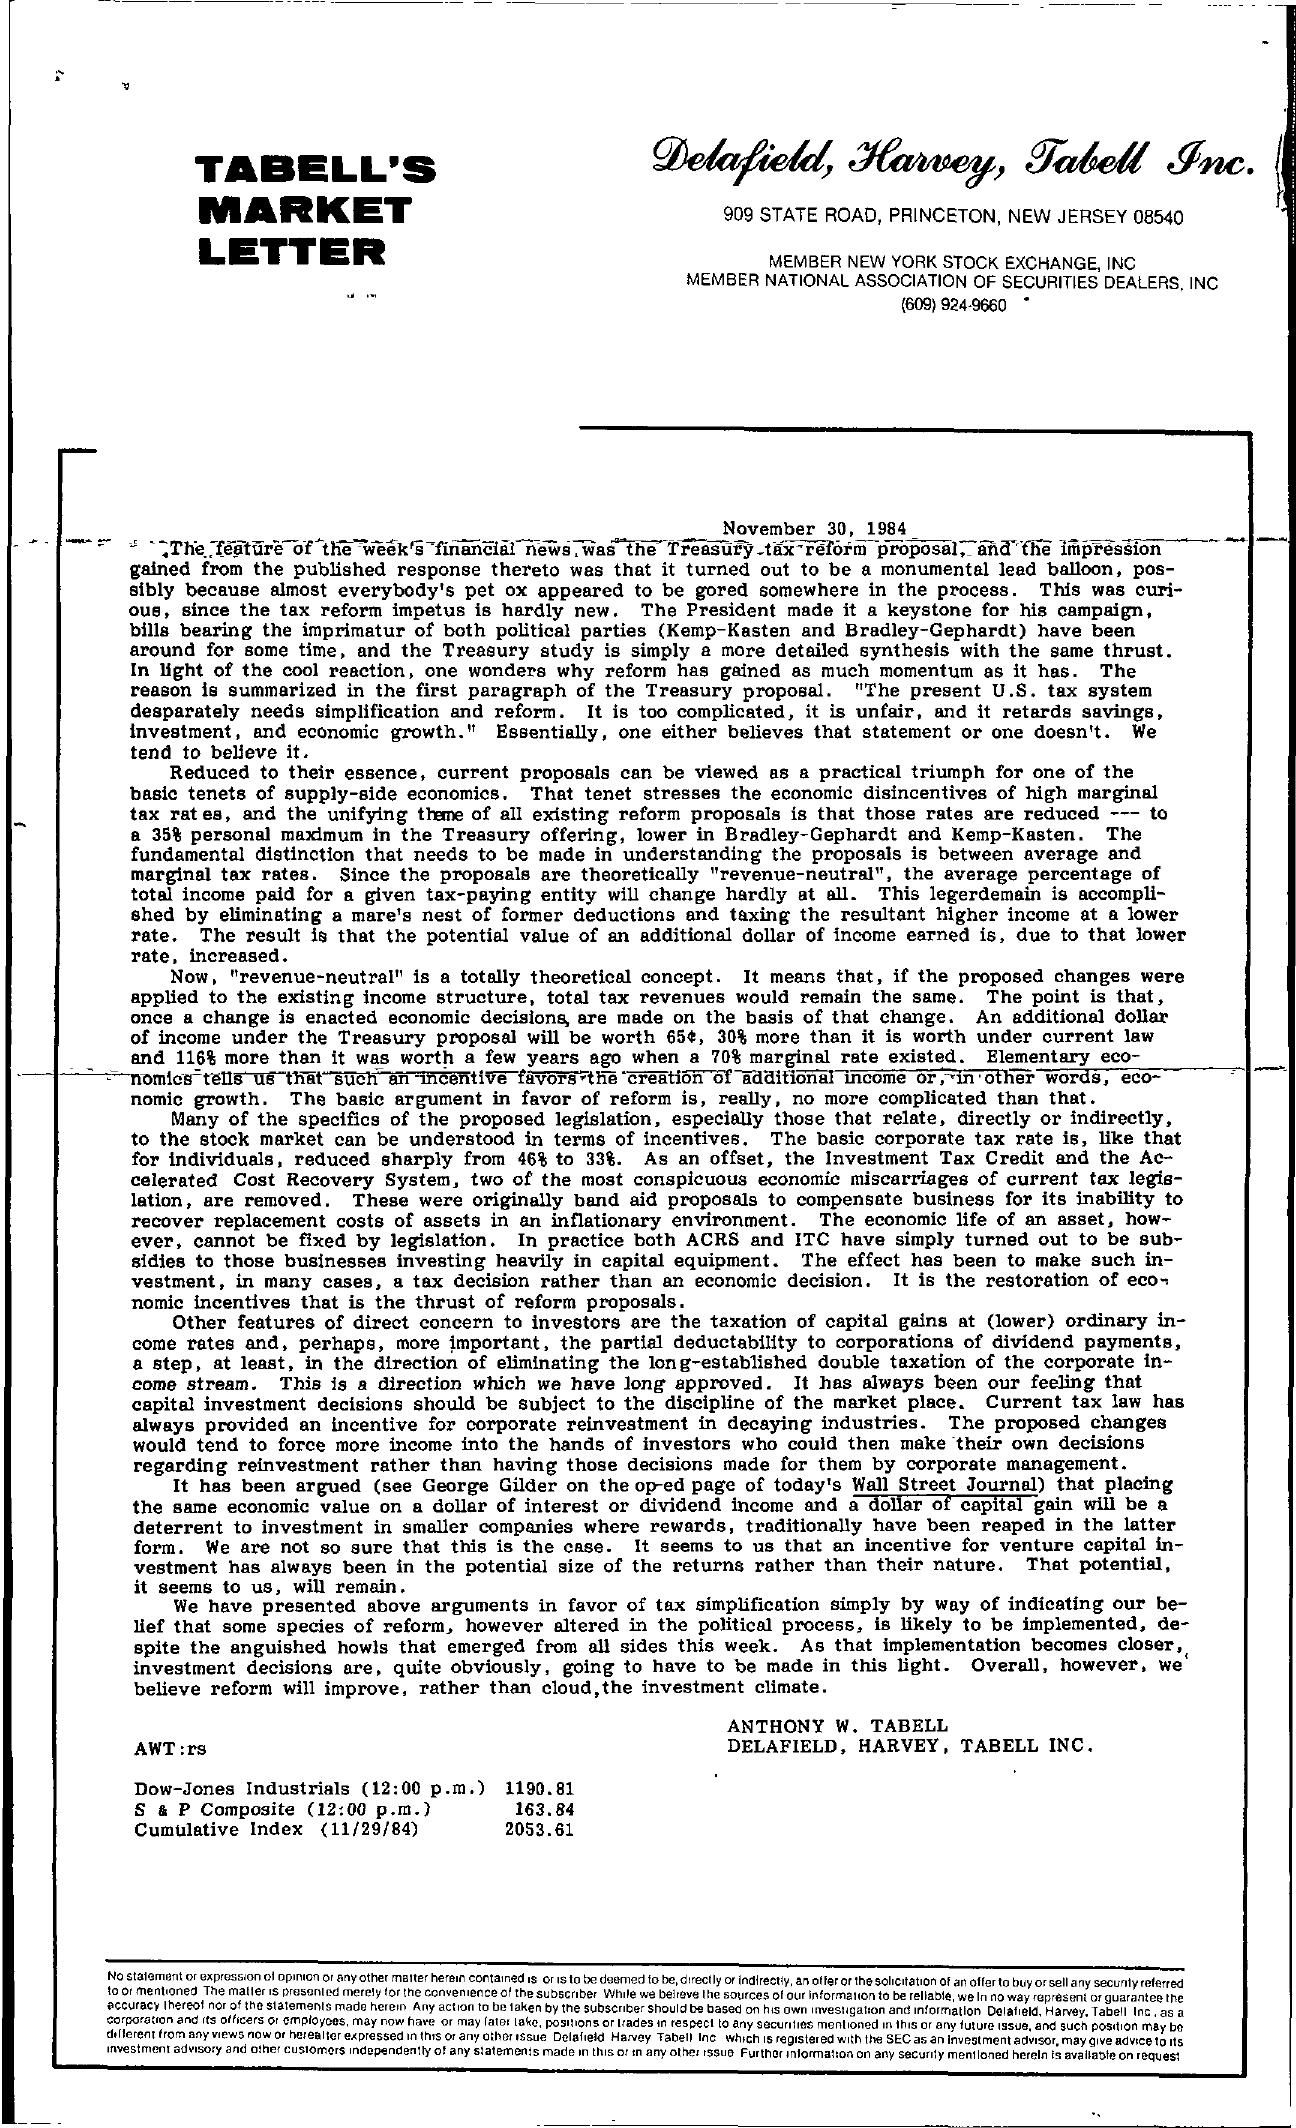 Tabell's Market Letter - November 30, 1984